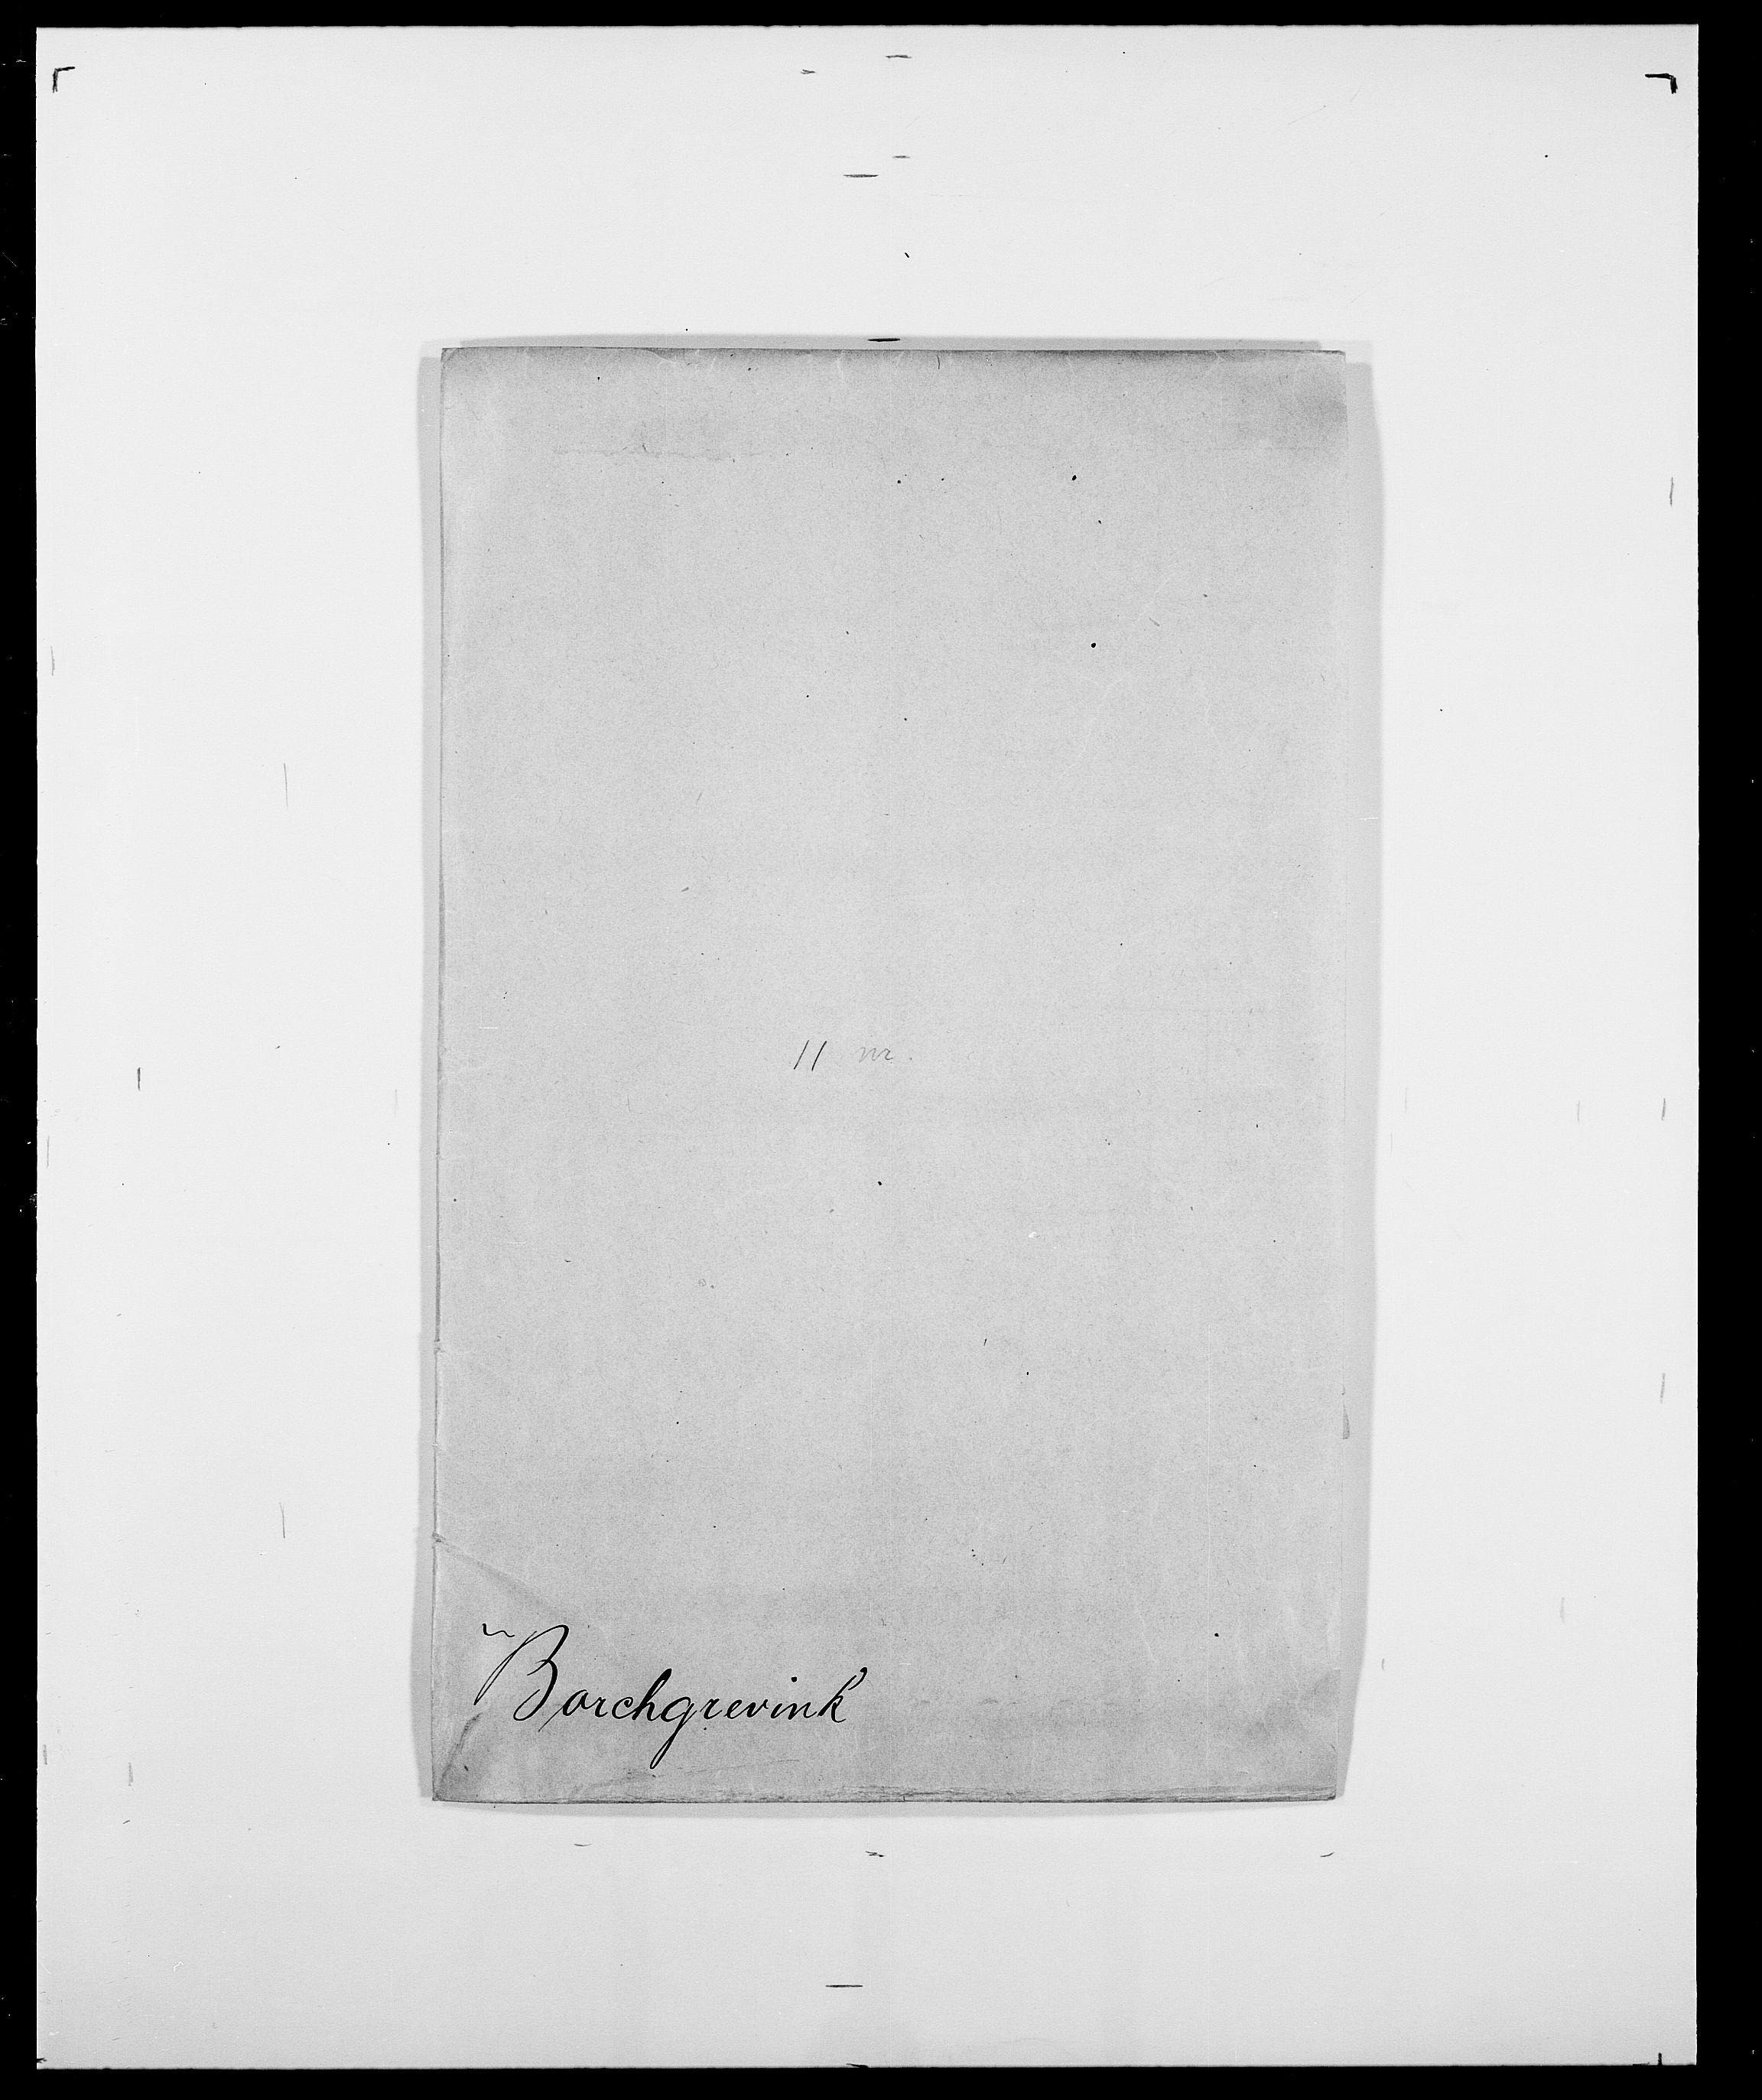 SAO, Delgobe, Charles Antoine - samling, D/Da/L0005: Boalth - Brahm, s. 216